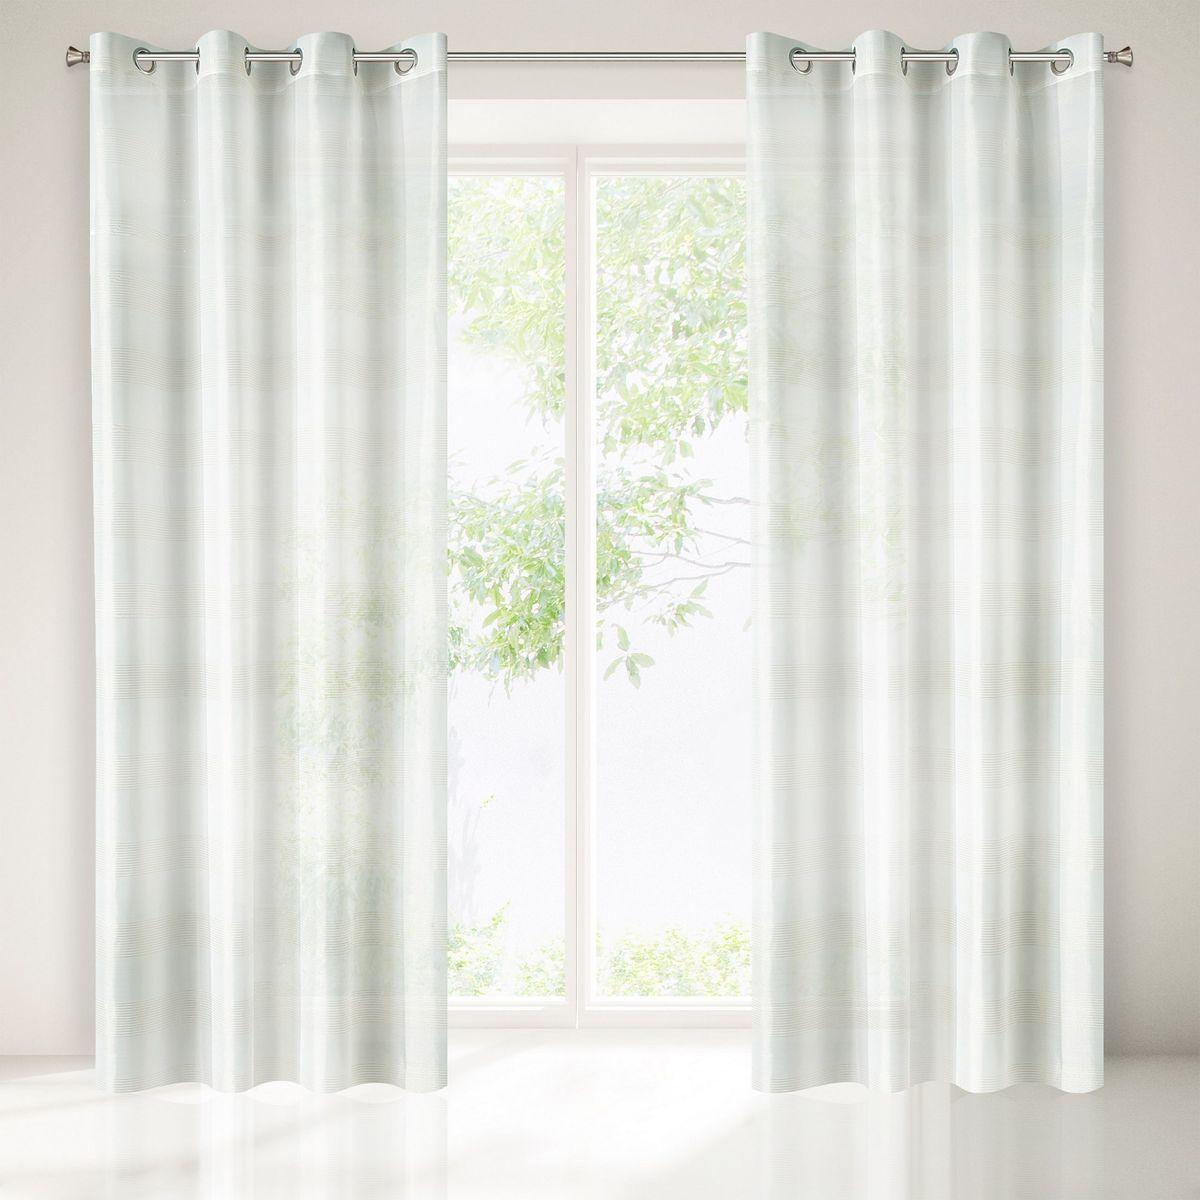 Dekorační vzorovaná záclona s kroužky NEL bílá/zlatá 140x250 cm (cena za 1 kus) MyBestHome